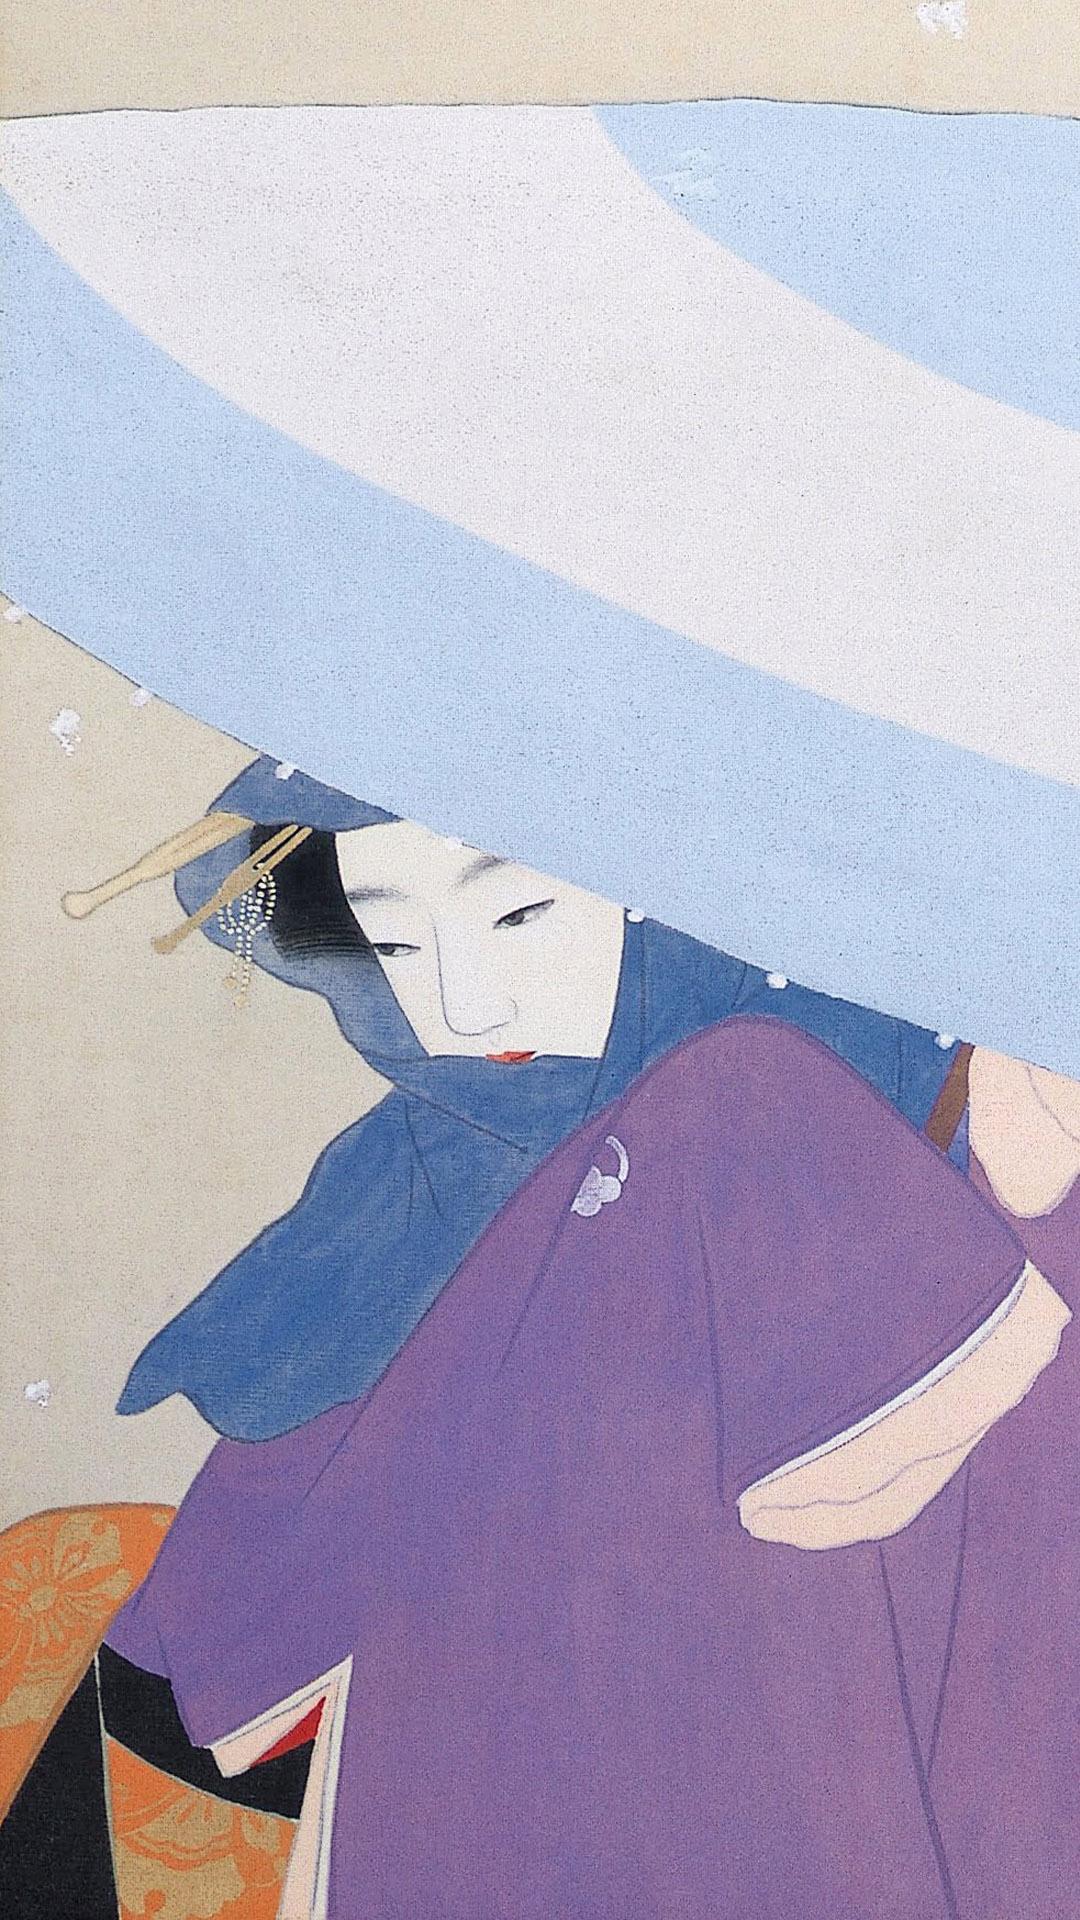 上村松園 牡丹雪 Uemura Shoen - Botan yuki 1080x1920 2